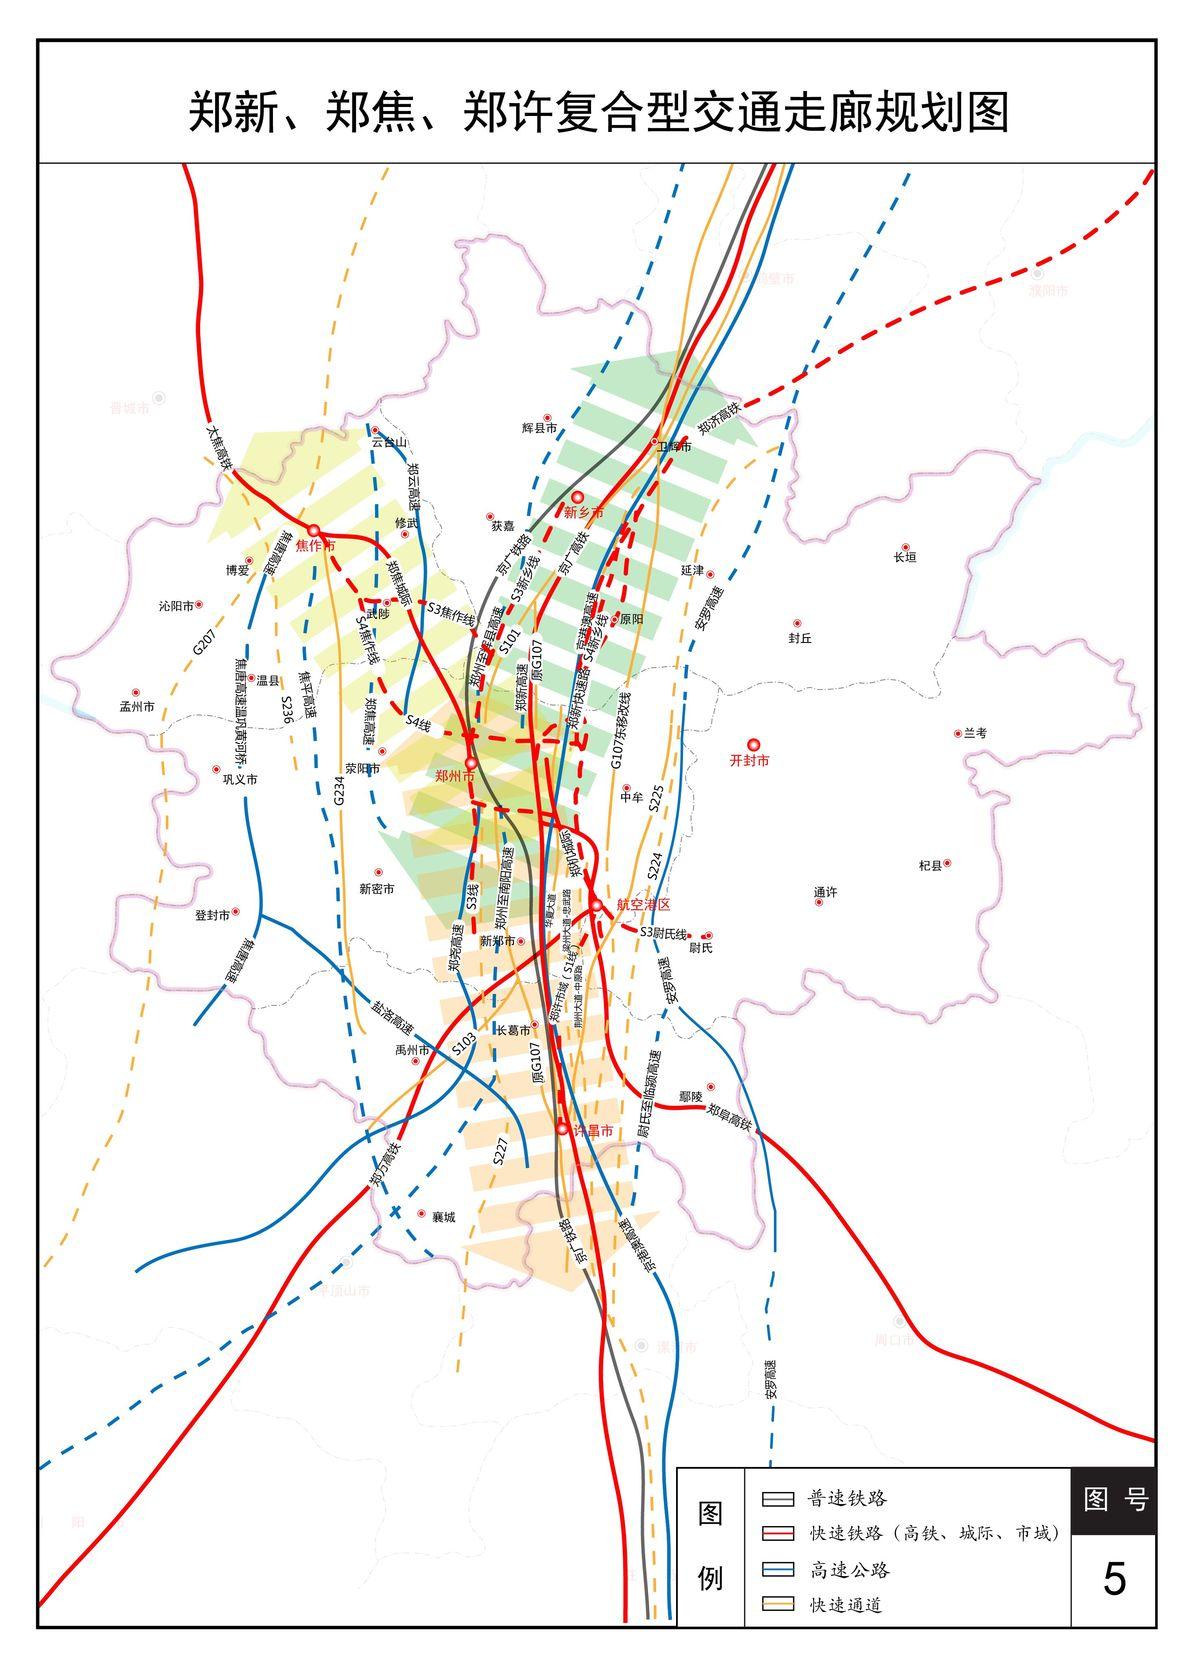 """重磅来了!郑州都市圈交通一体化规划出台,""""一小时都市圈""""脚步近了(附图解)"""